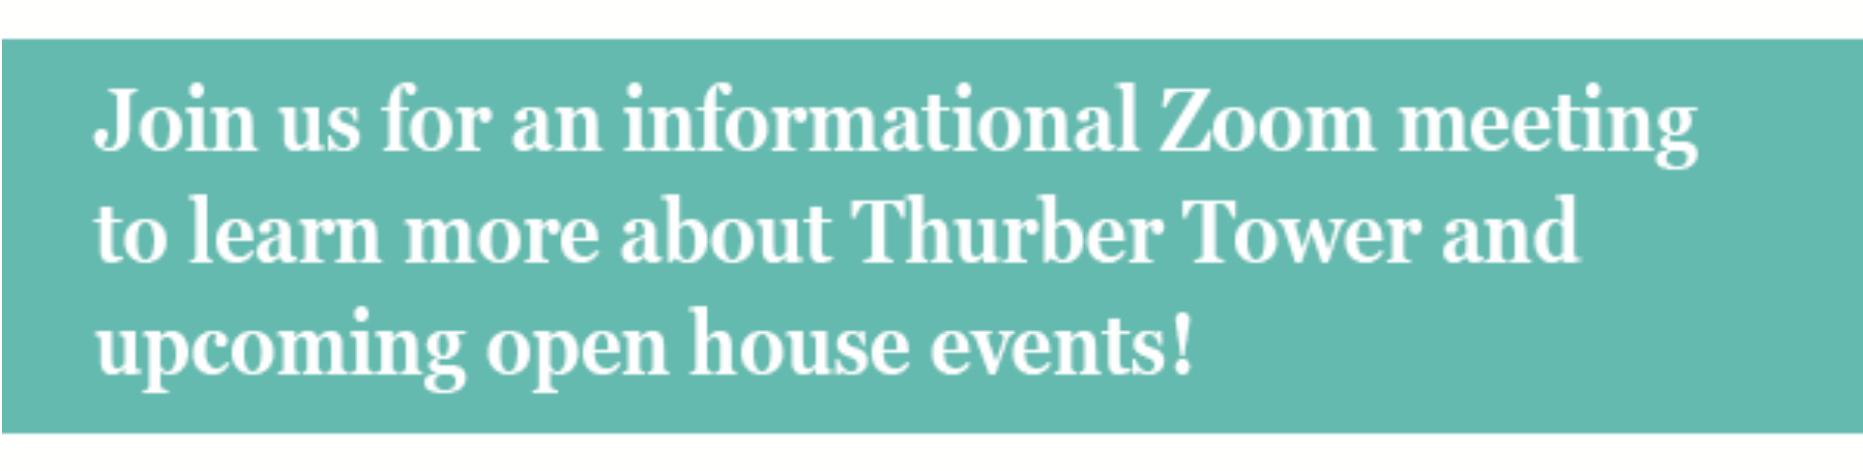 thurberjoinus